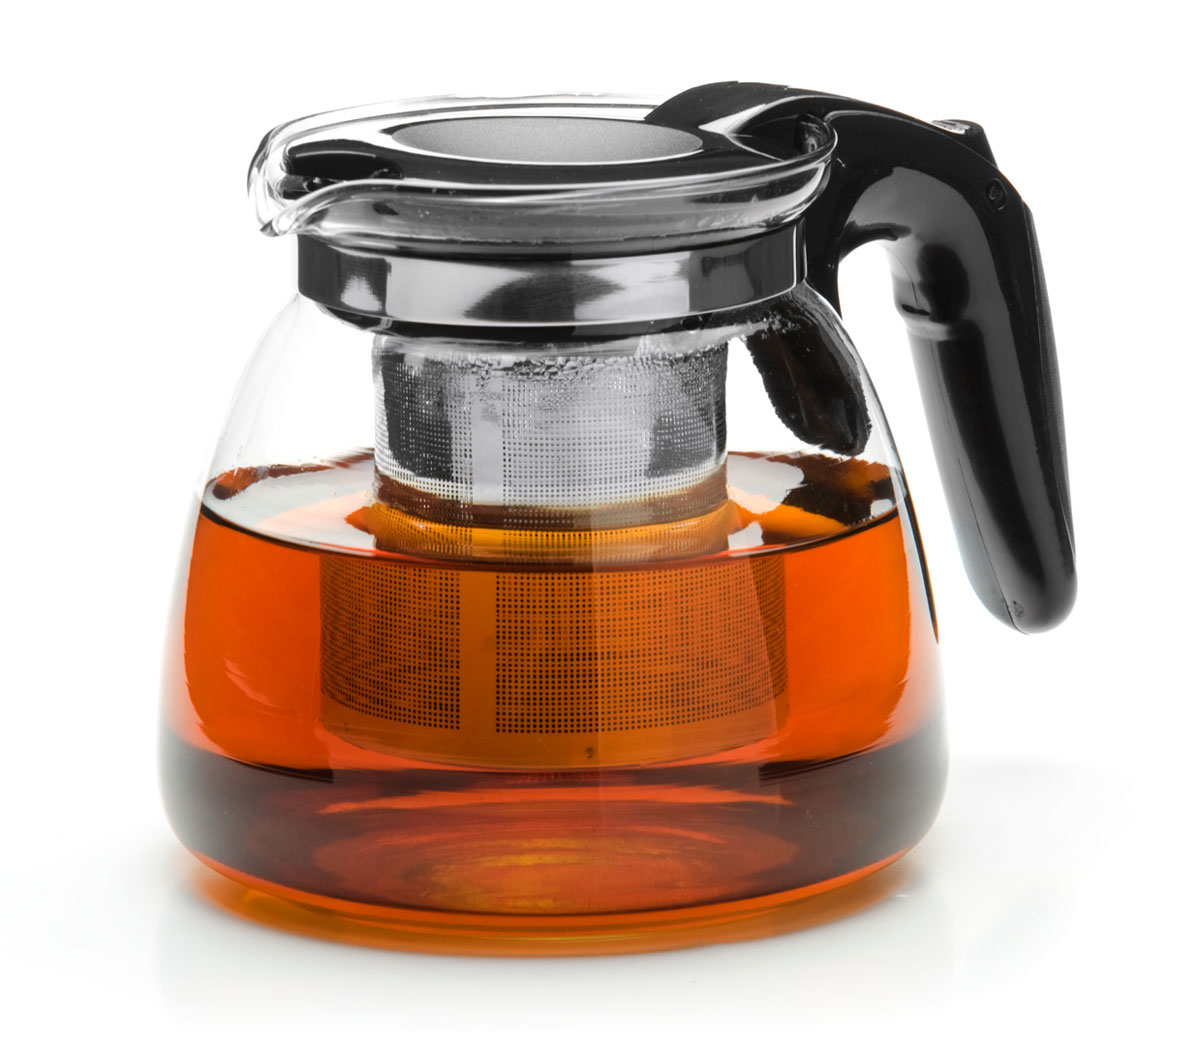 Чайник заварочный Mayer & Boch, 900 мл. 2620226202Заварочный чайник Mayer & Boch изготовлен из термостойкого боросиликатного стекла, фильтр выполнен из нержавеющей стали. Изделия из стекла не впитывают запахи, благодаря чему вы всегда получите натуральный, насыщенный вкус и аромат напитков. Заварочный чайник из стекла удобно использовать для повседневного заваривания чая практически любого сорта. Но цветочные, фруктовые, красные и желтые сорта чая лучше других раскрывают свой вкус и аромат при заваривании именно в стеклянных чайниках, а также сохраняют все полезные ферменты и витамины, содержащиеся в чайных листах. Стальной фильтр гарантирует прозрачность и чистоту напитка от чайных листьев, при этом сохранив букет и насыщенность чая. Прозрачные стенки чайника дают возможность насладиться насыщенным цветом заваренного чая. Изящный заварочный чайник Mayer & Boch будет прекрасно смотреться в любом интерьере. Подходит для мытья в посудомоечной машине.